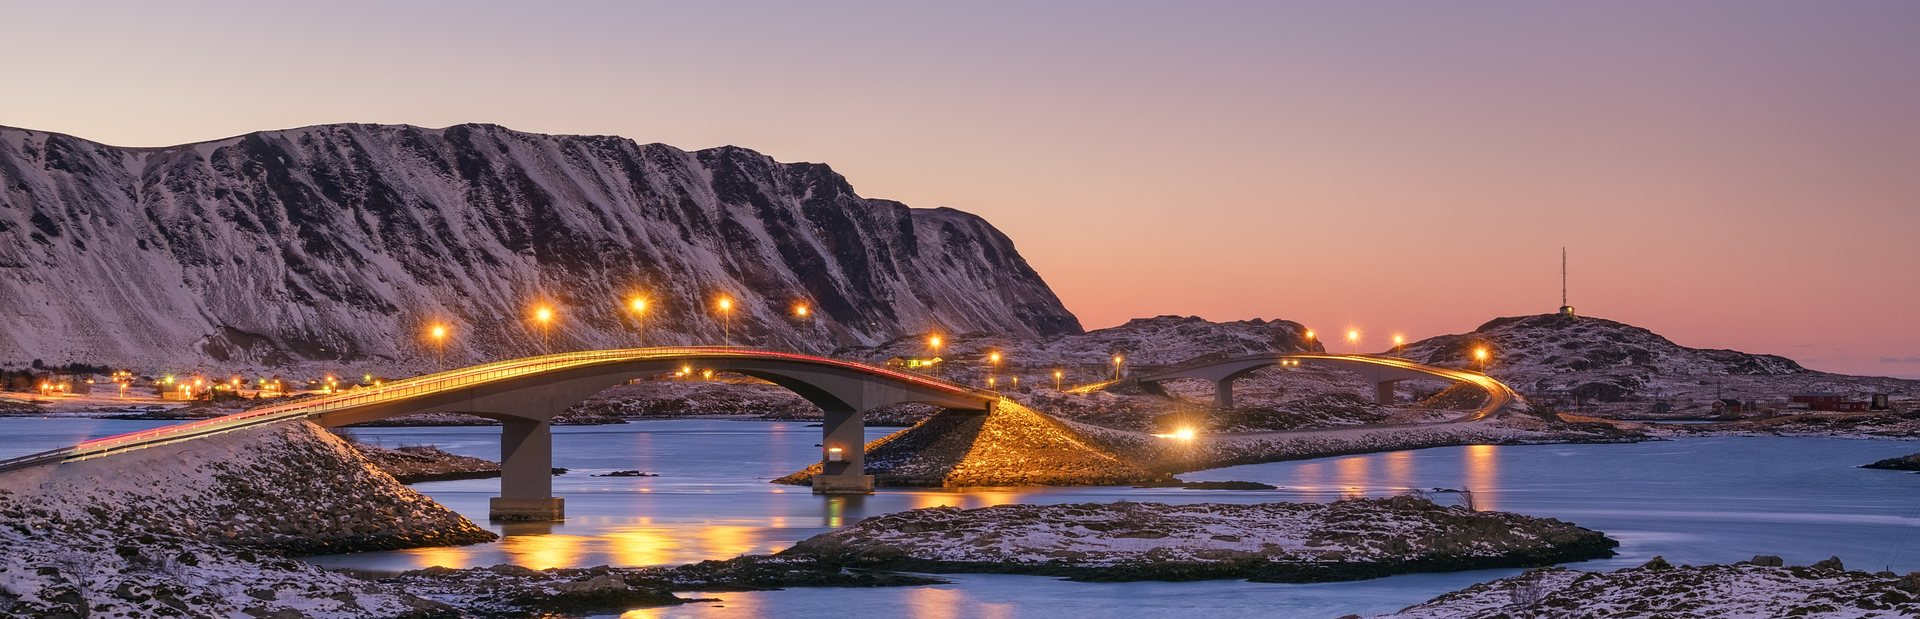 Frænfjorden inspiration and tips